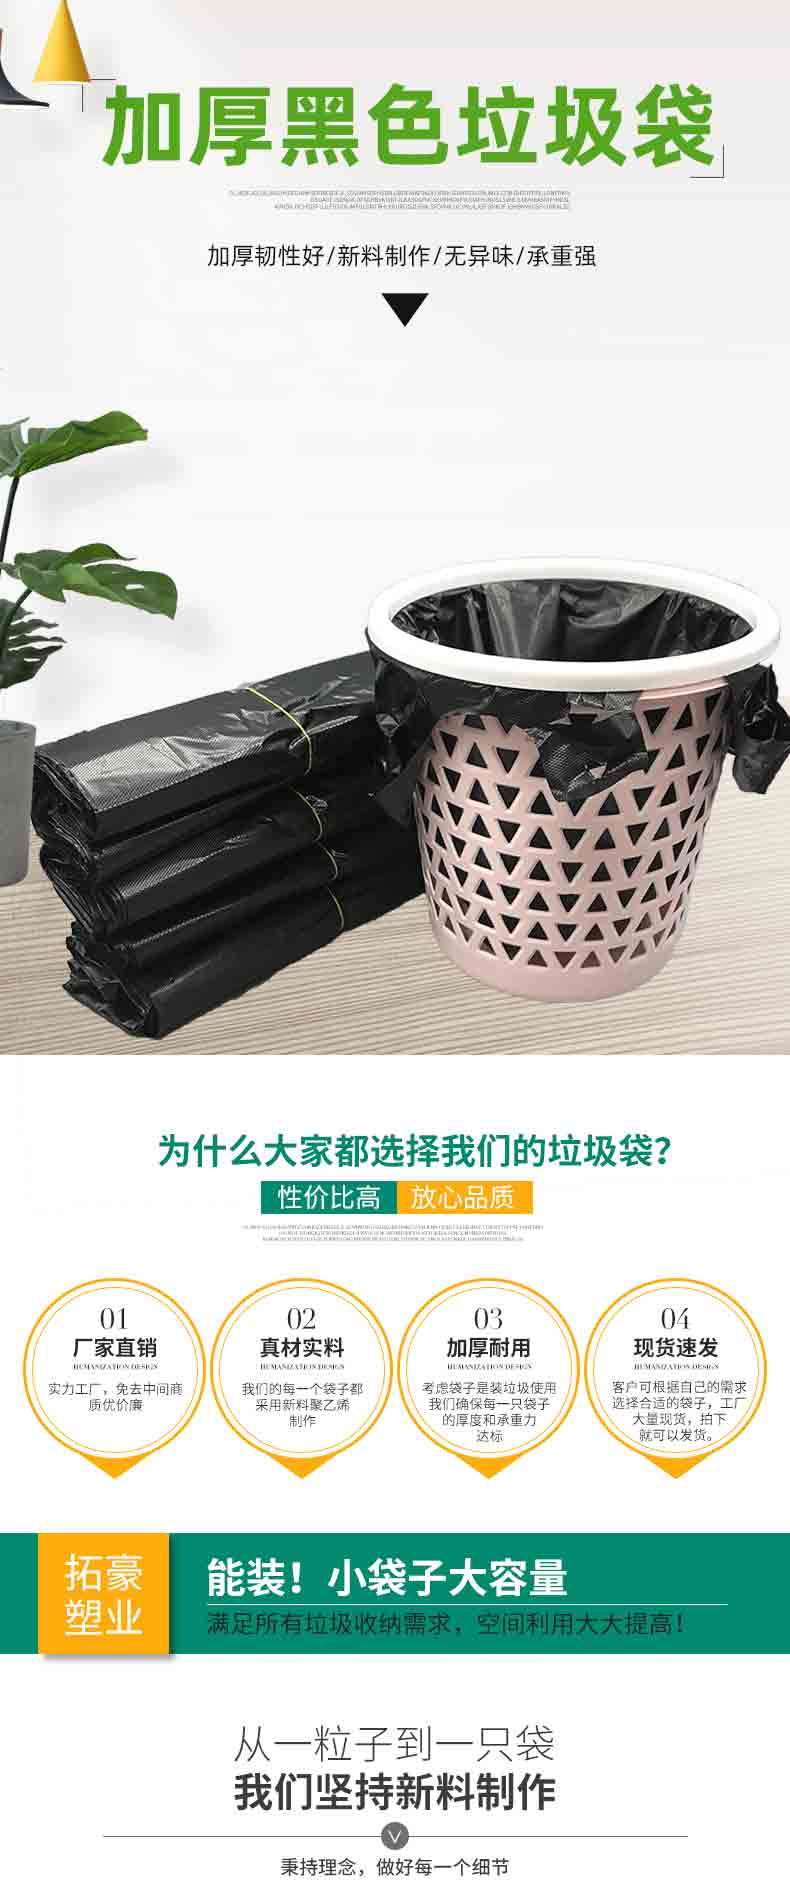 塑料垃圾袋批发 黑色背心式垃圾袋厂家批发(一件也是批发价)